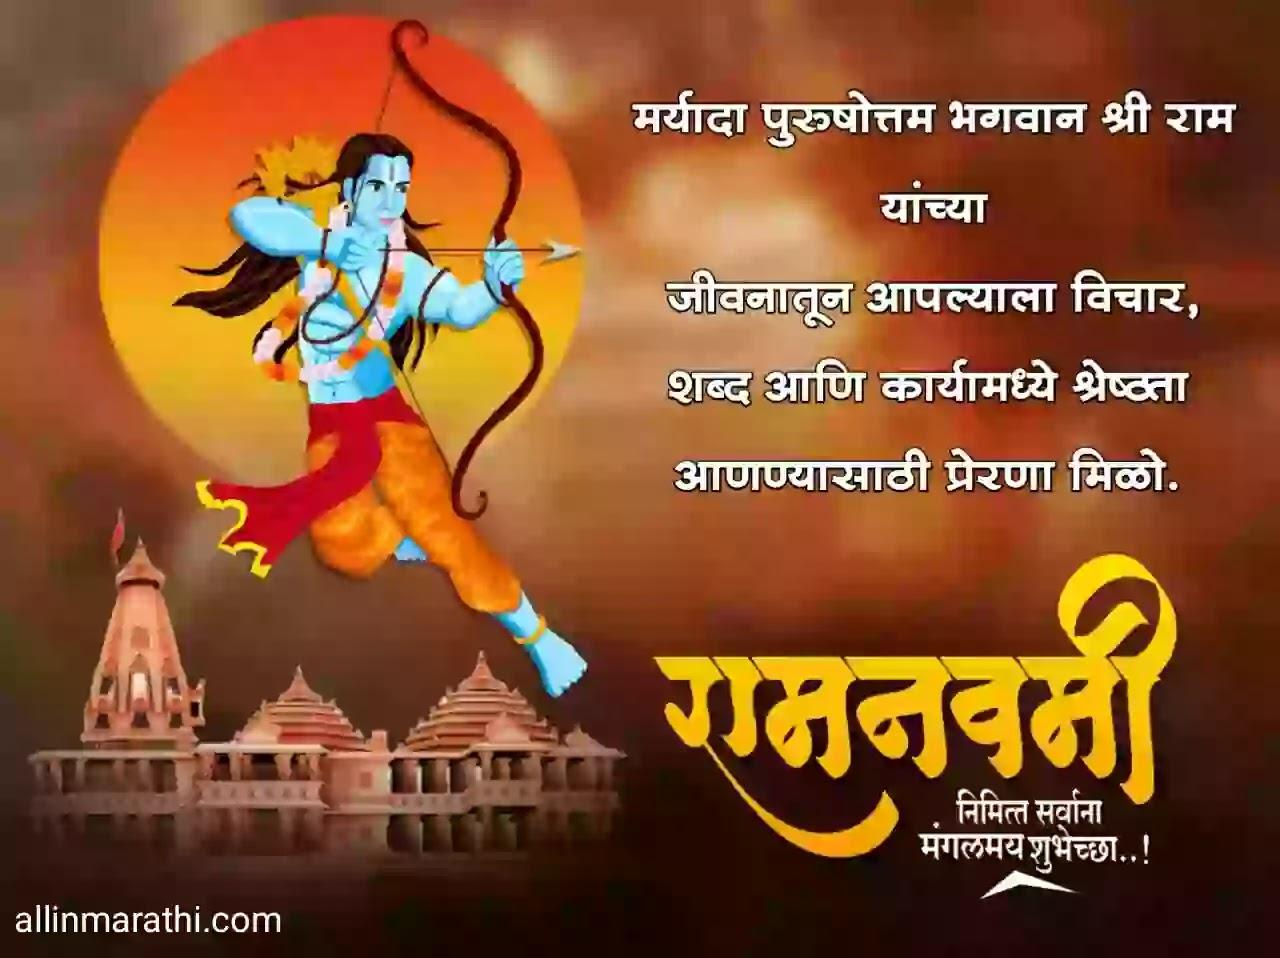 Ram-navami-whatsapp-Status-marathi